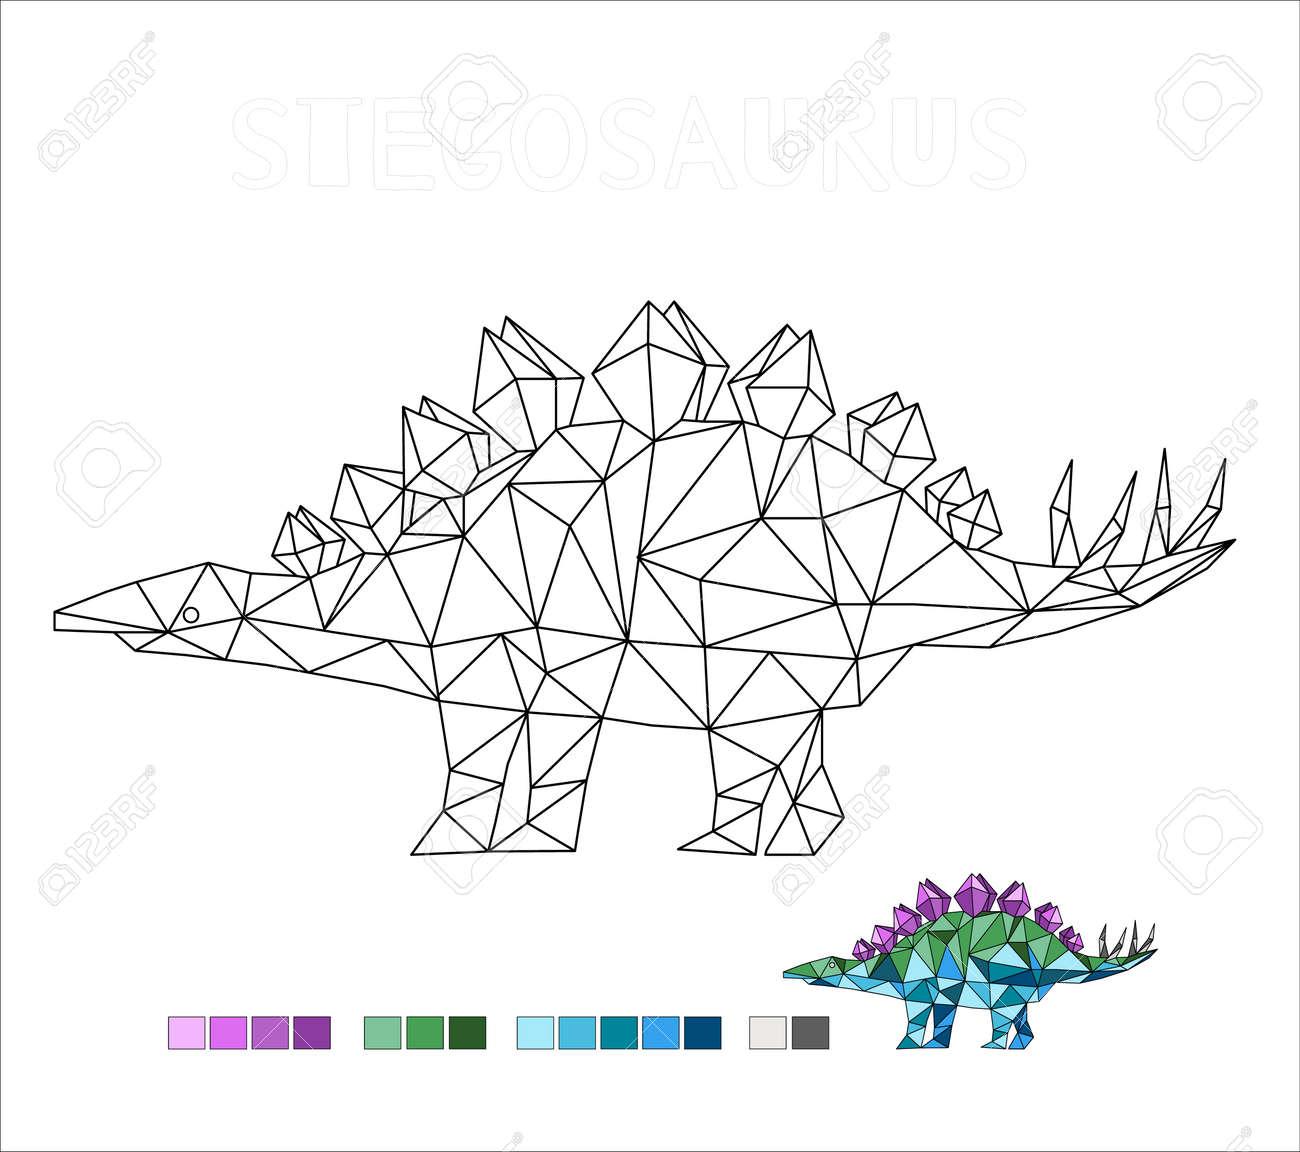 coloring stegosaurus dinosaur vector illustration for kids - 171118527